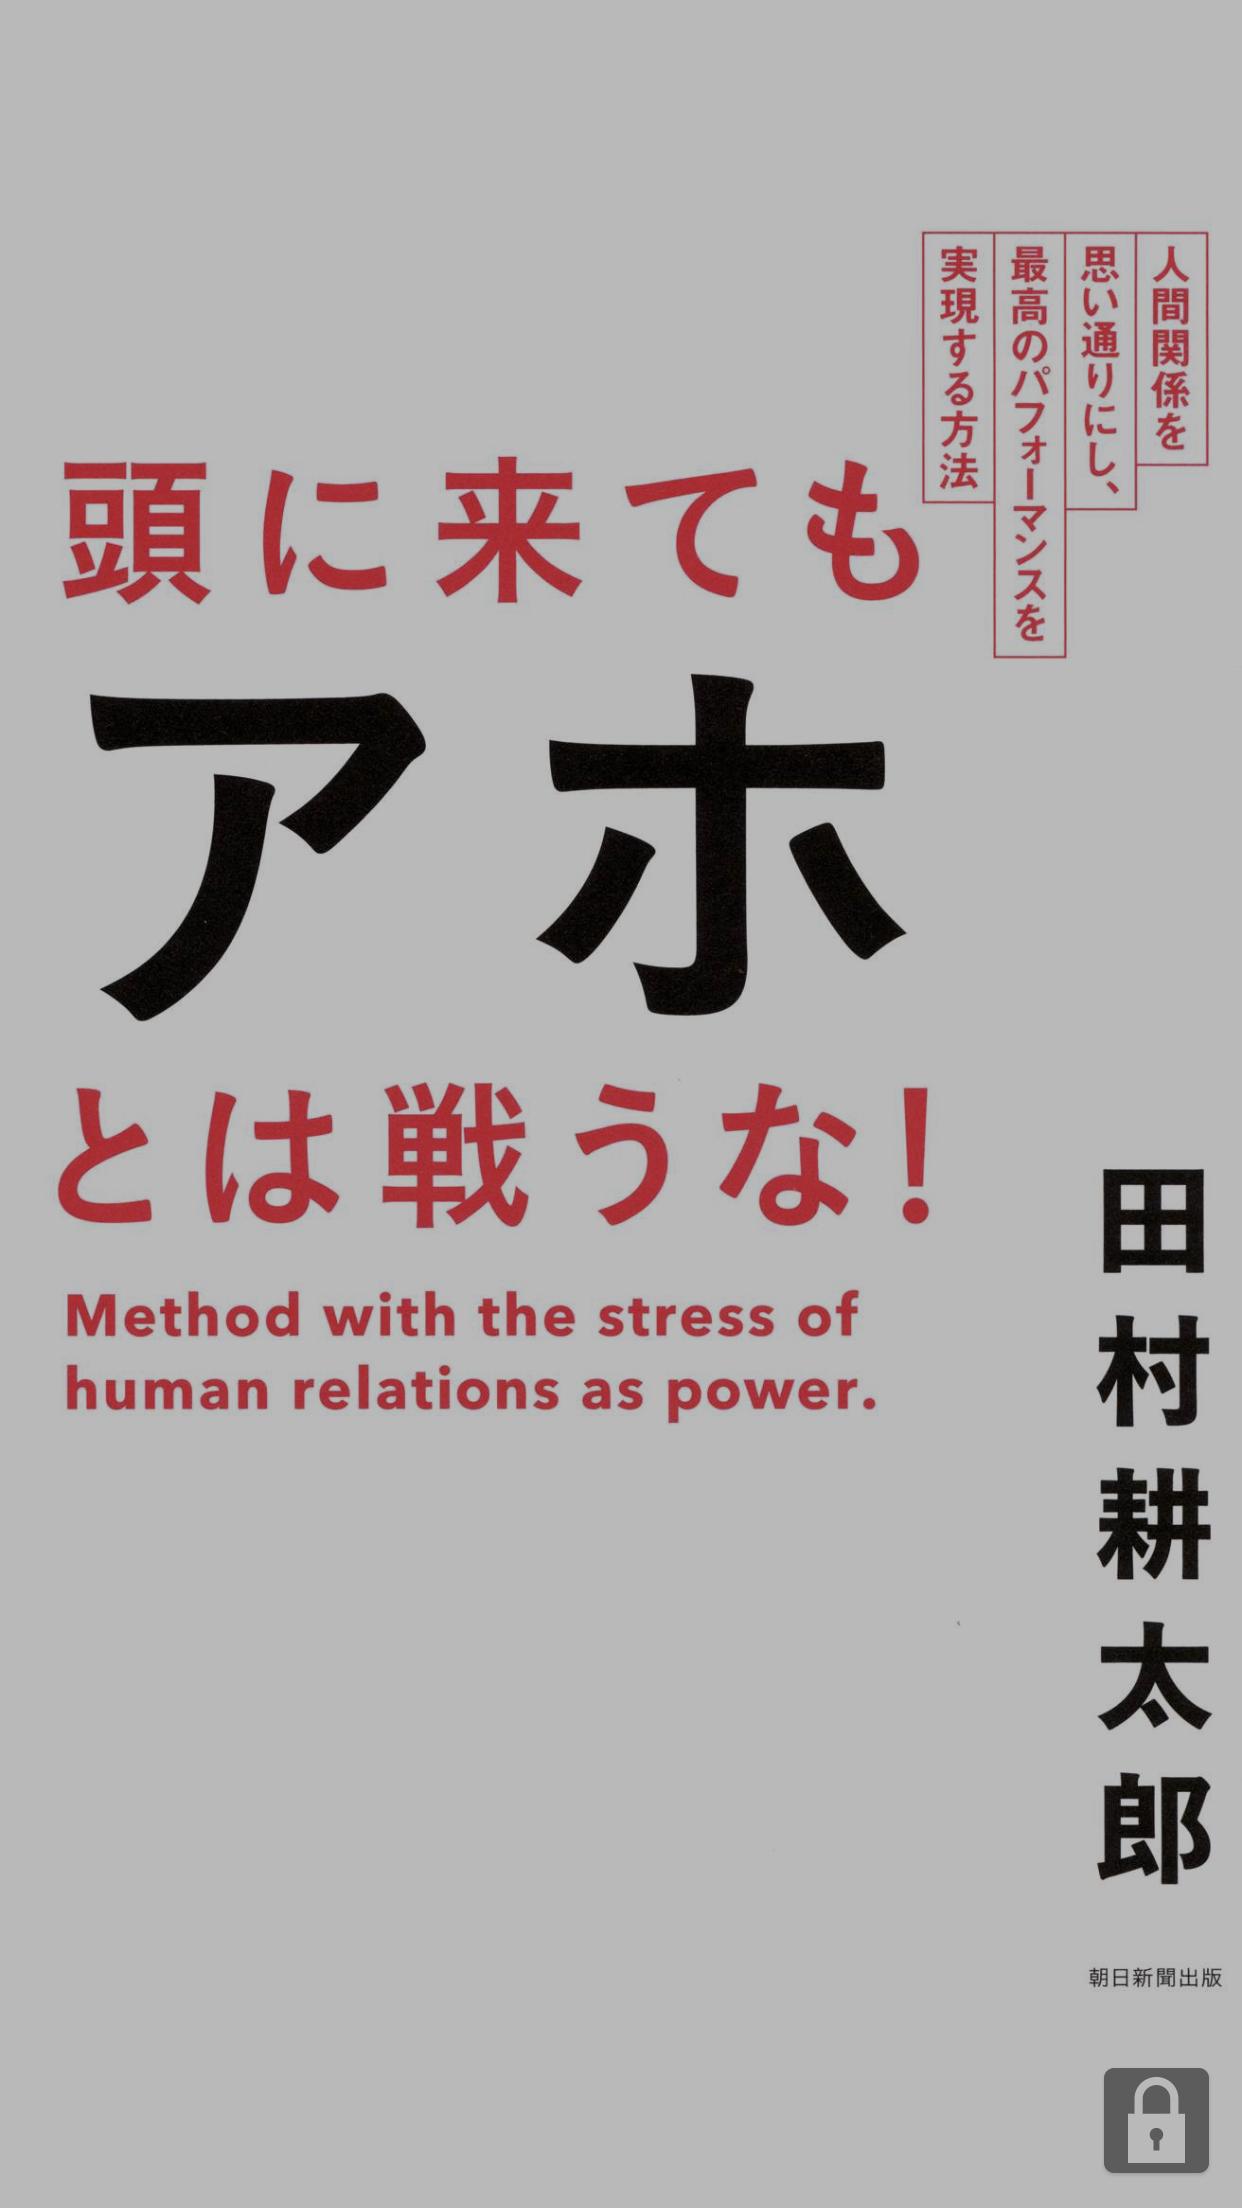 仕事でムカついたら、この本を読もう。